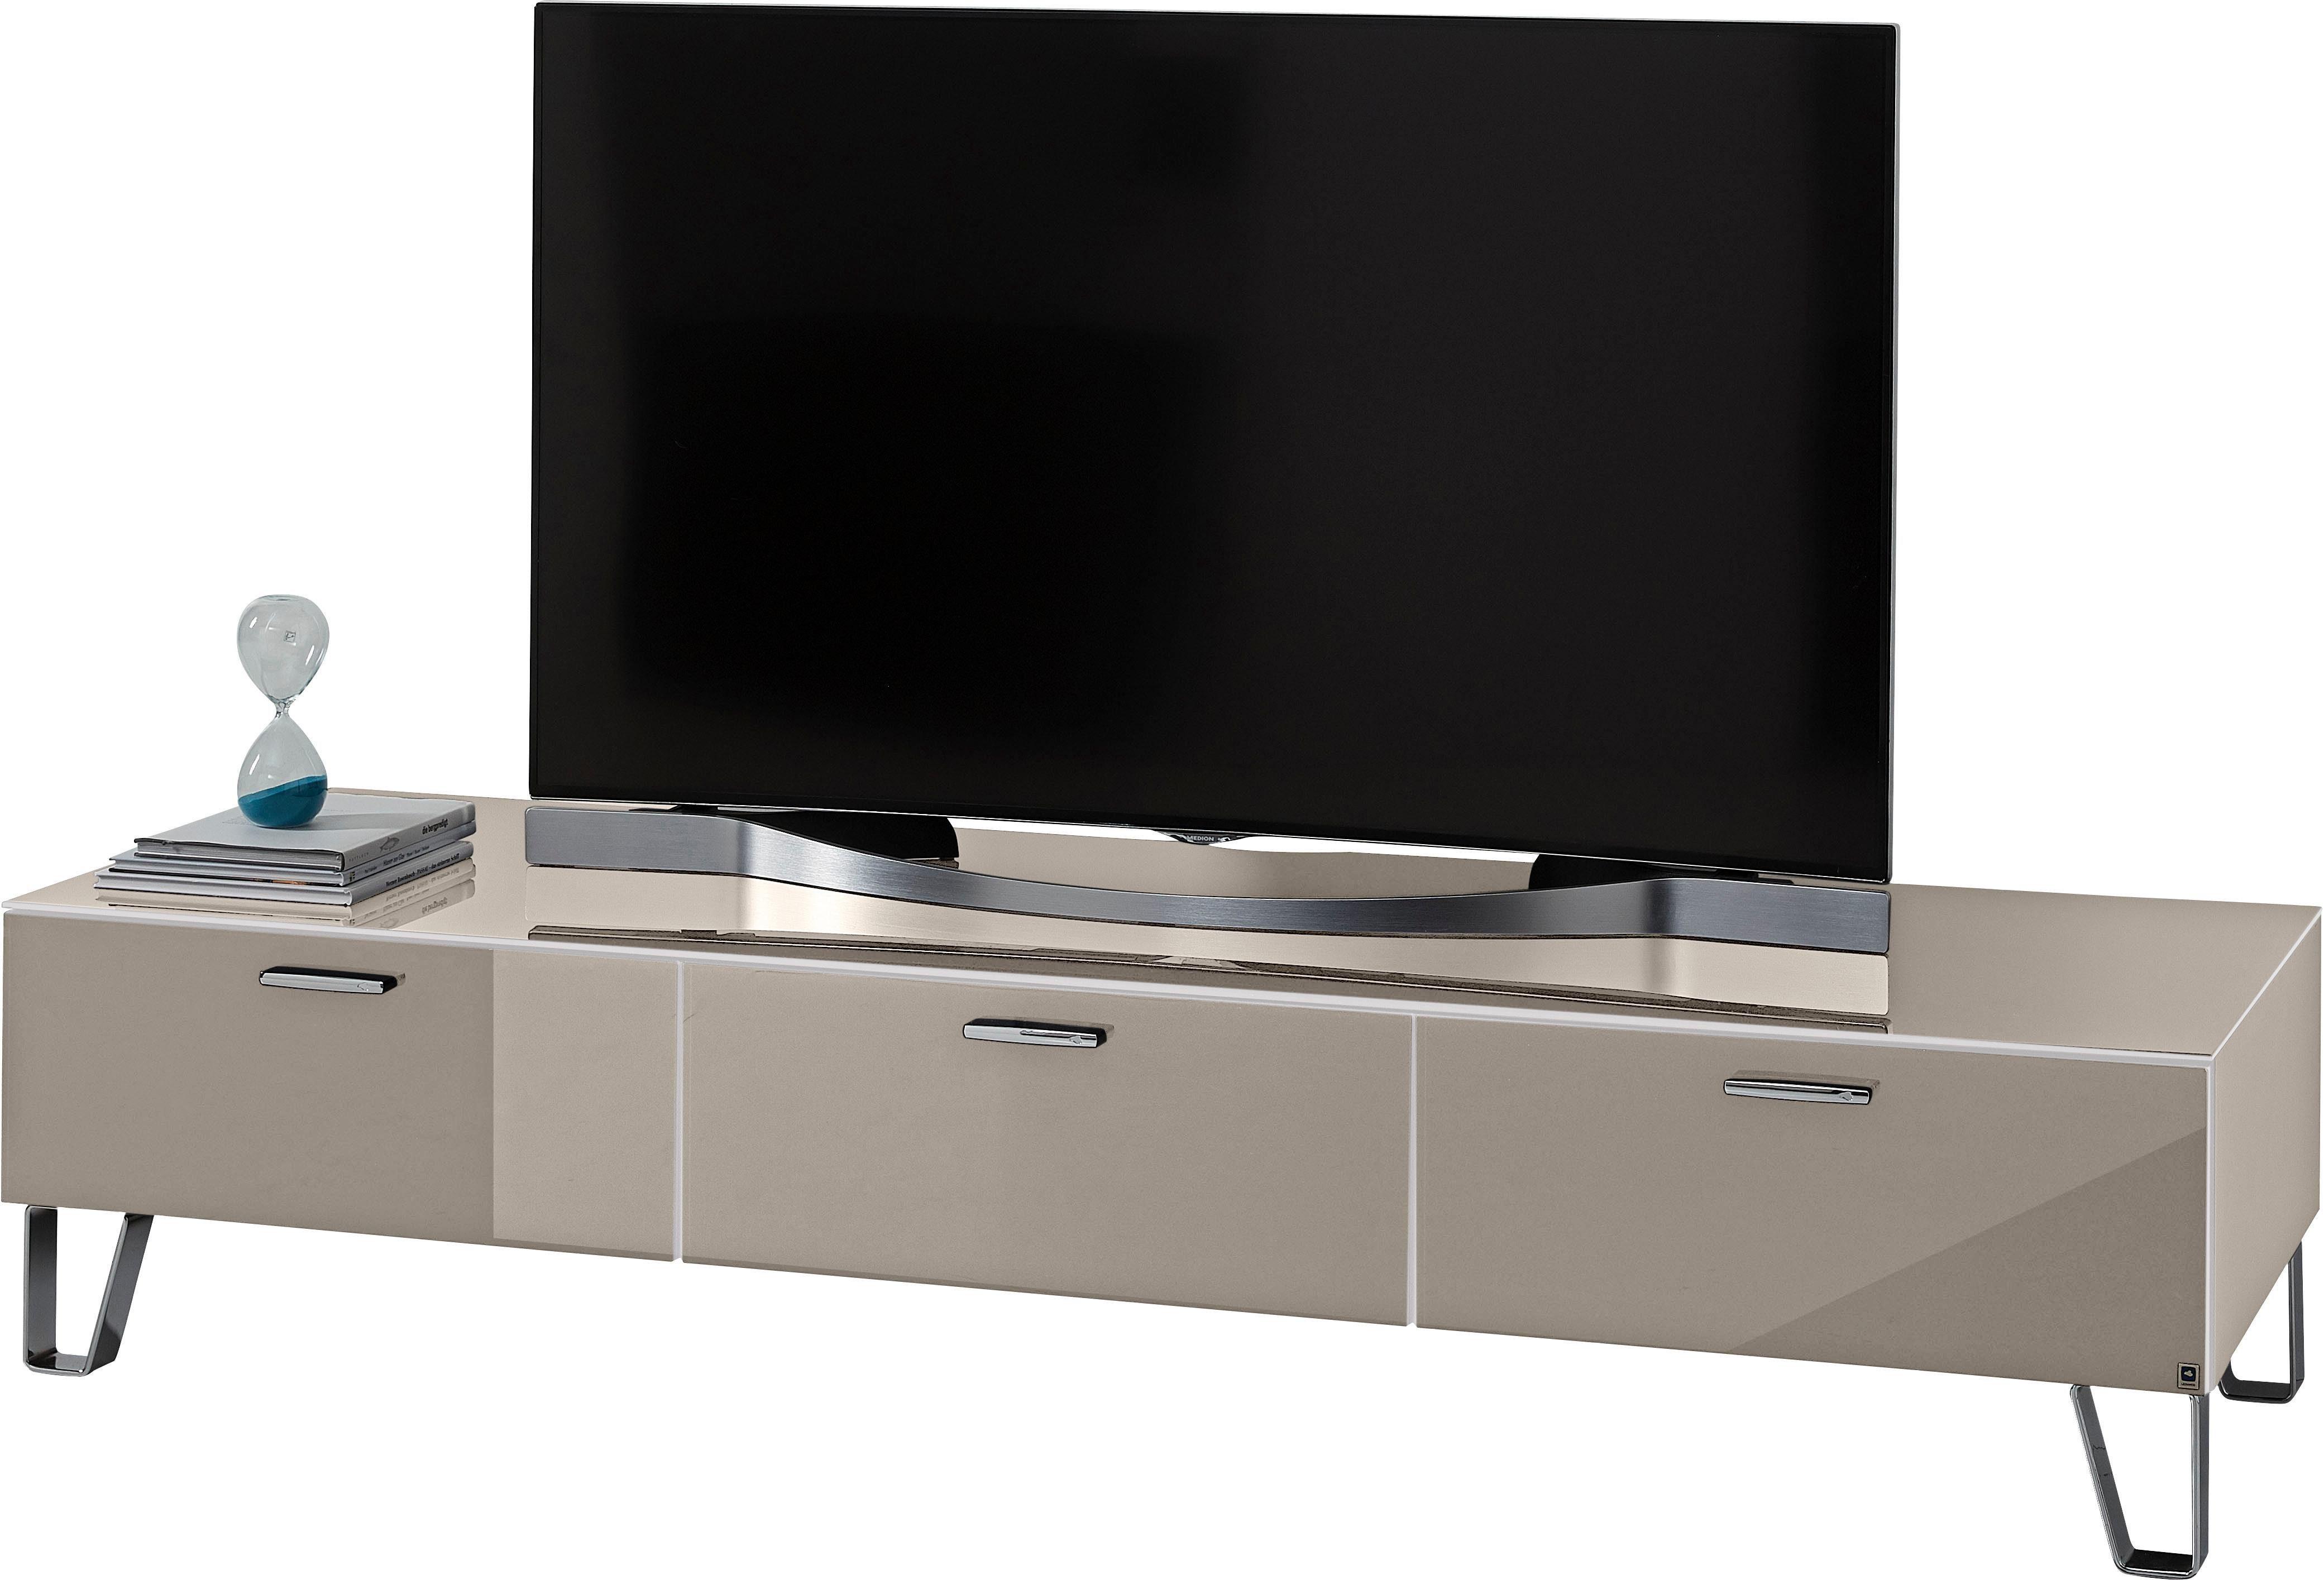 LEONARDO Lowboard »CUBE«, auf Designfüßen, mit 3 Schubladen, Breite 189 cm online kaufen   OTTO